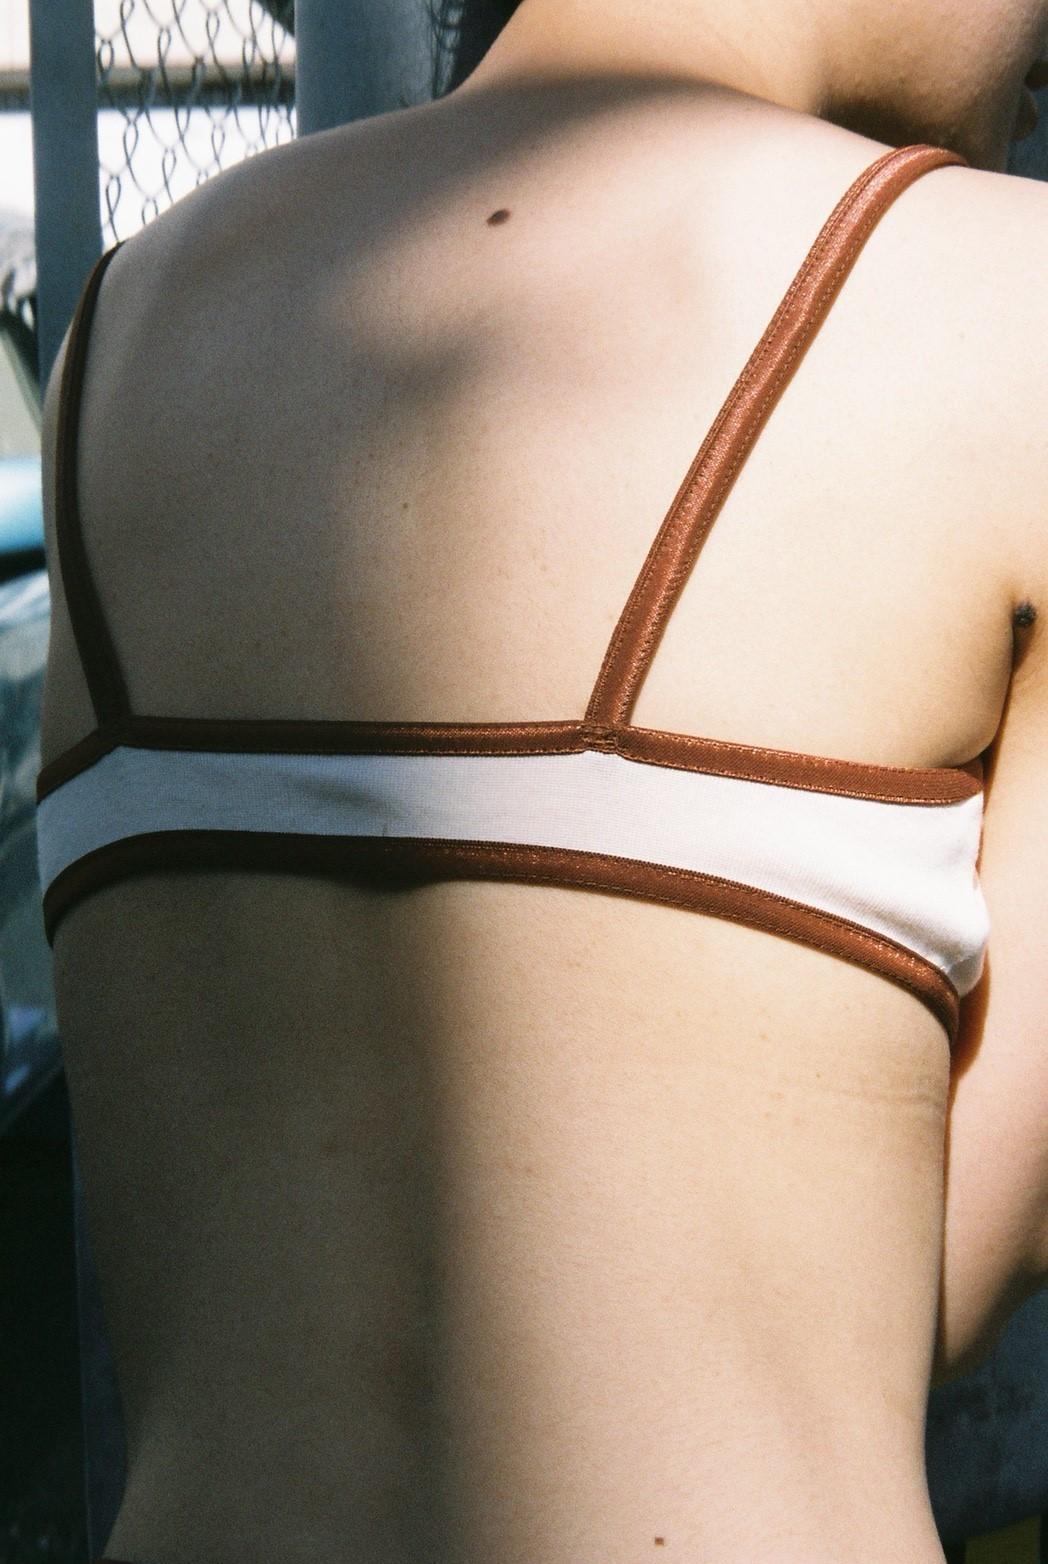 jaroslava underwear 2nd \'skin\'_e0298685_10382394.jpeg